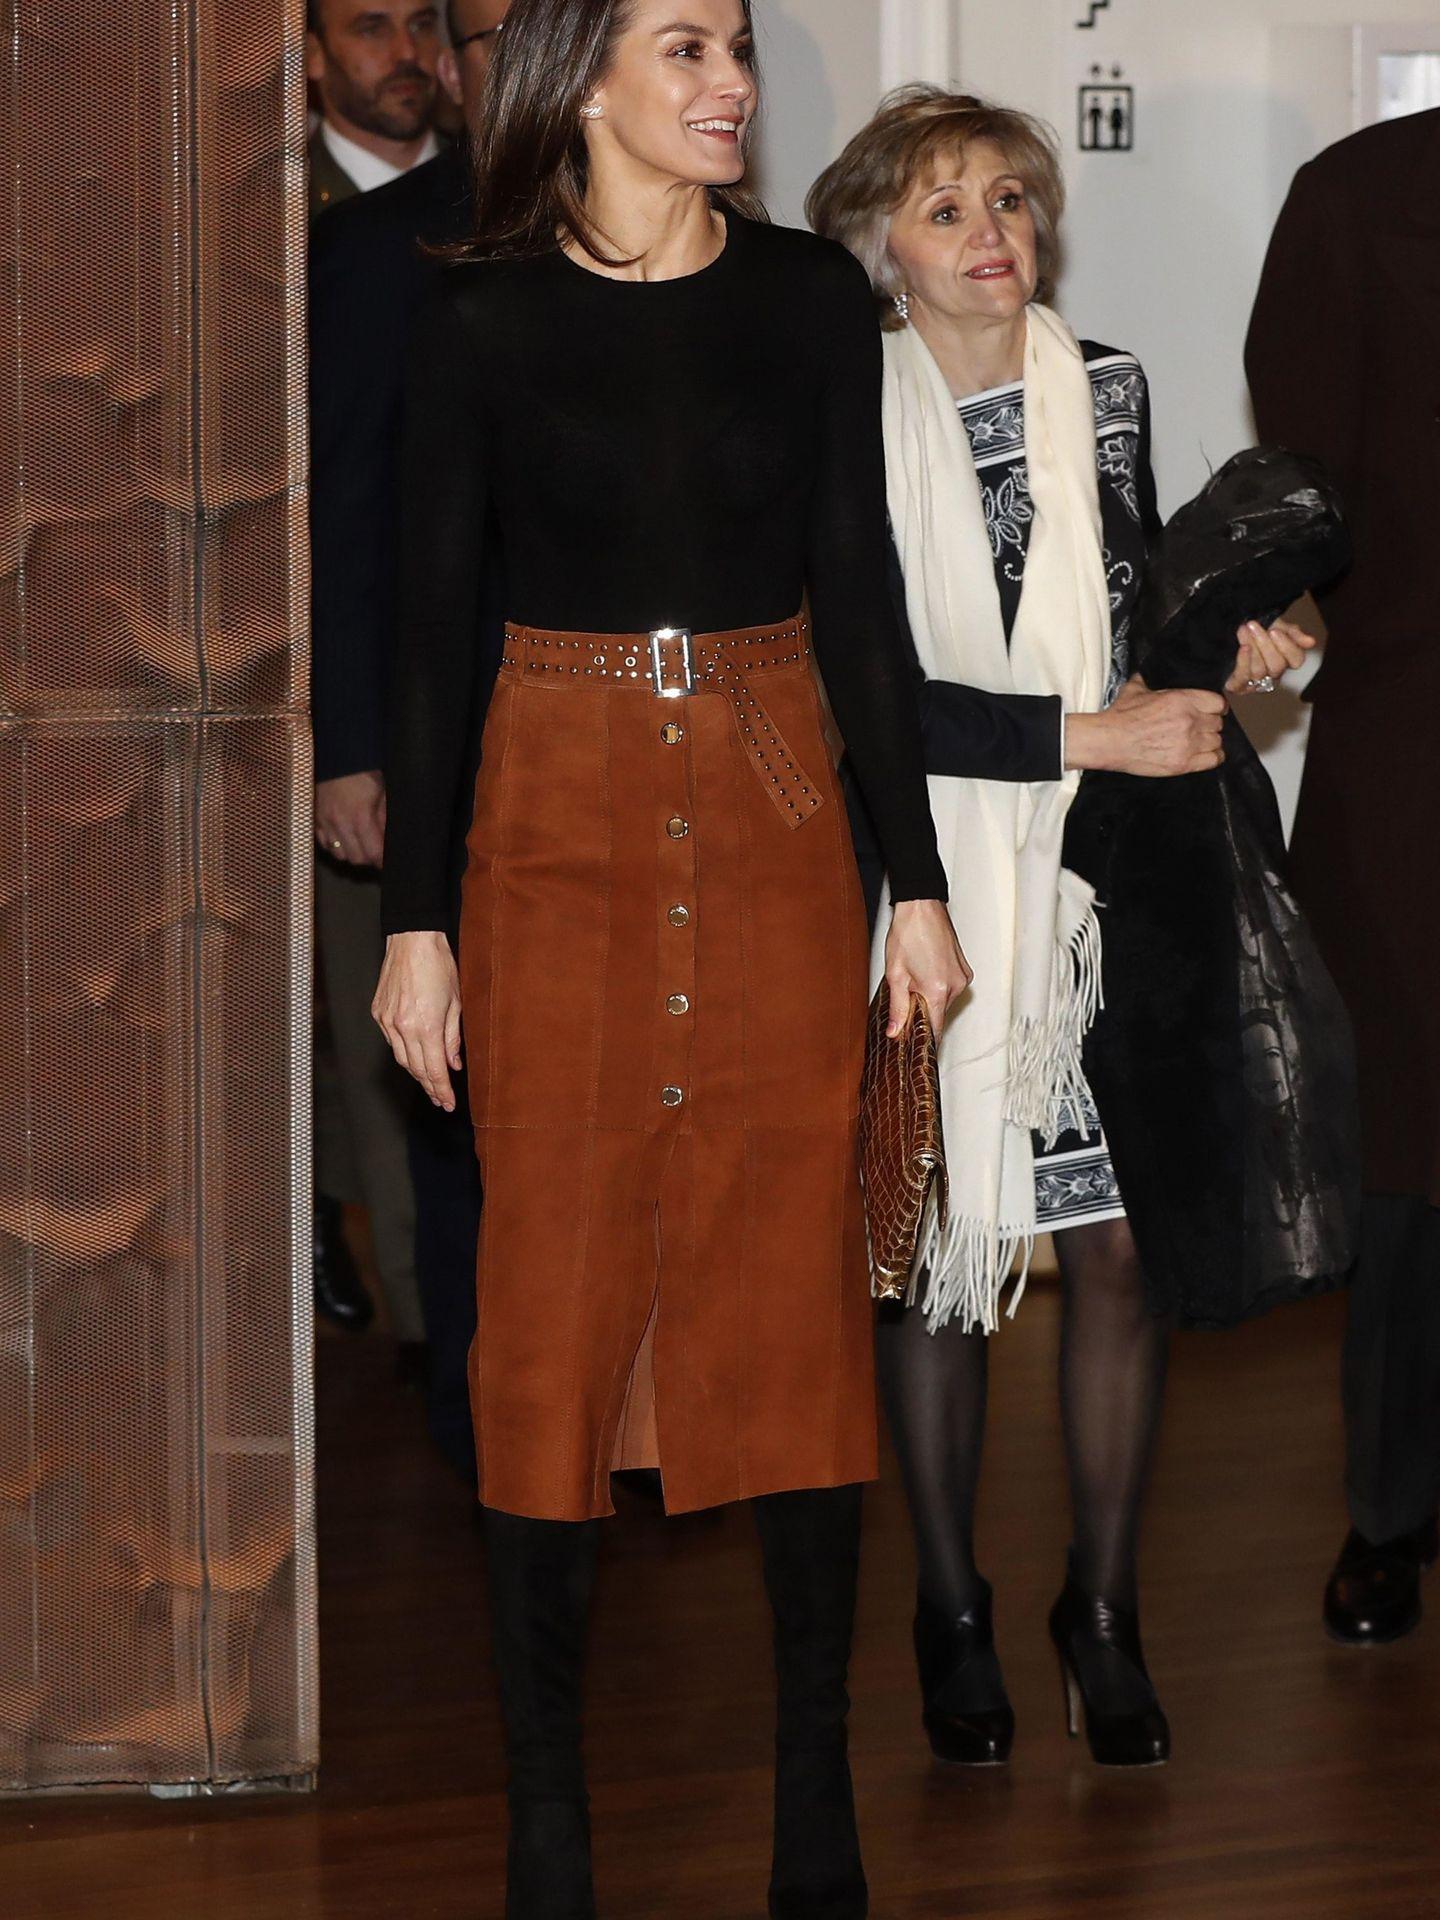 Aquí vemos el look al completo que la reina Letizia lució en el acto. (EFE)